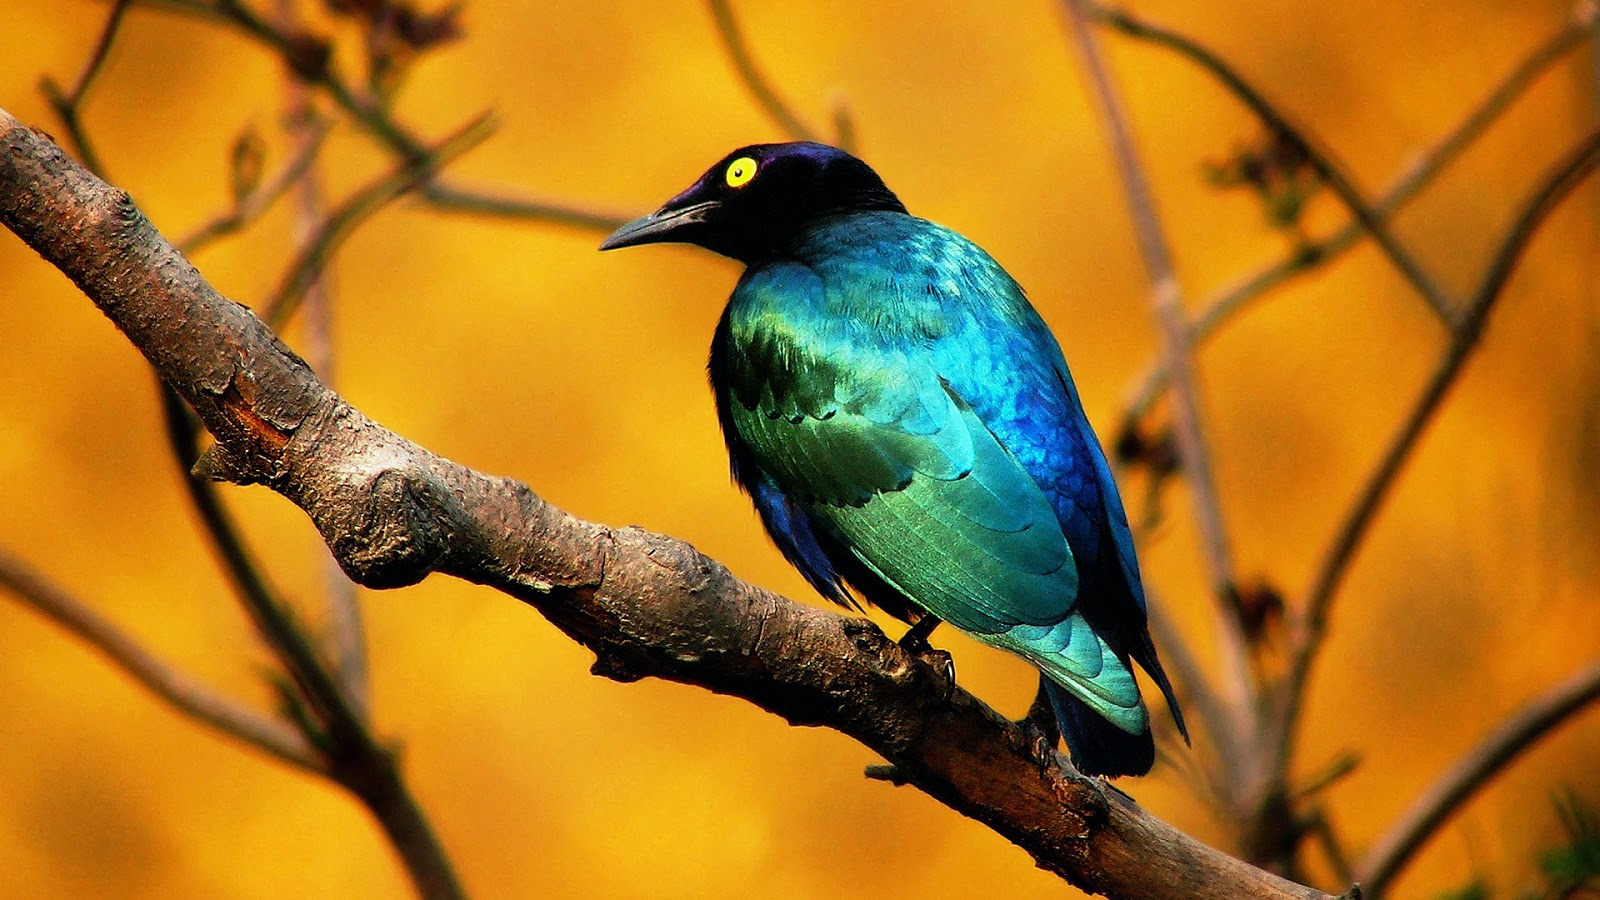 Amazing wallpapers birds hd wallpapers bird wallpapers for Bird wallpaper